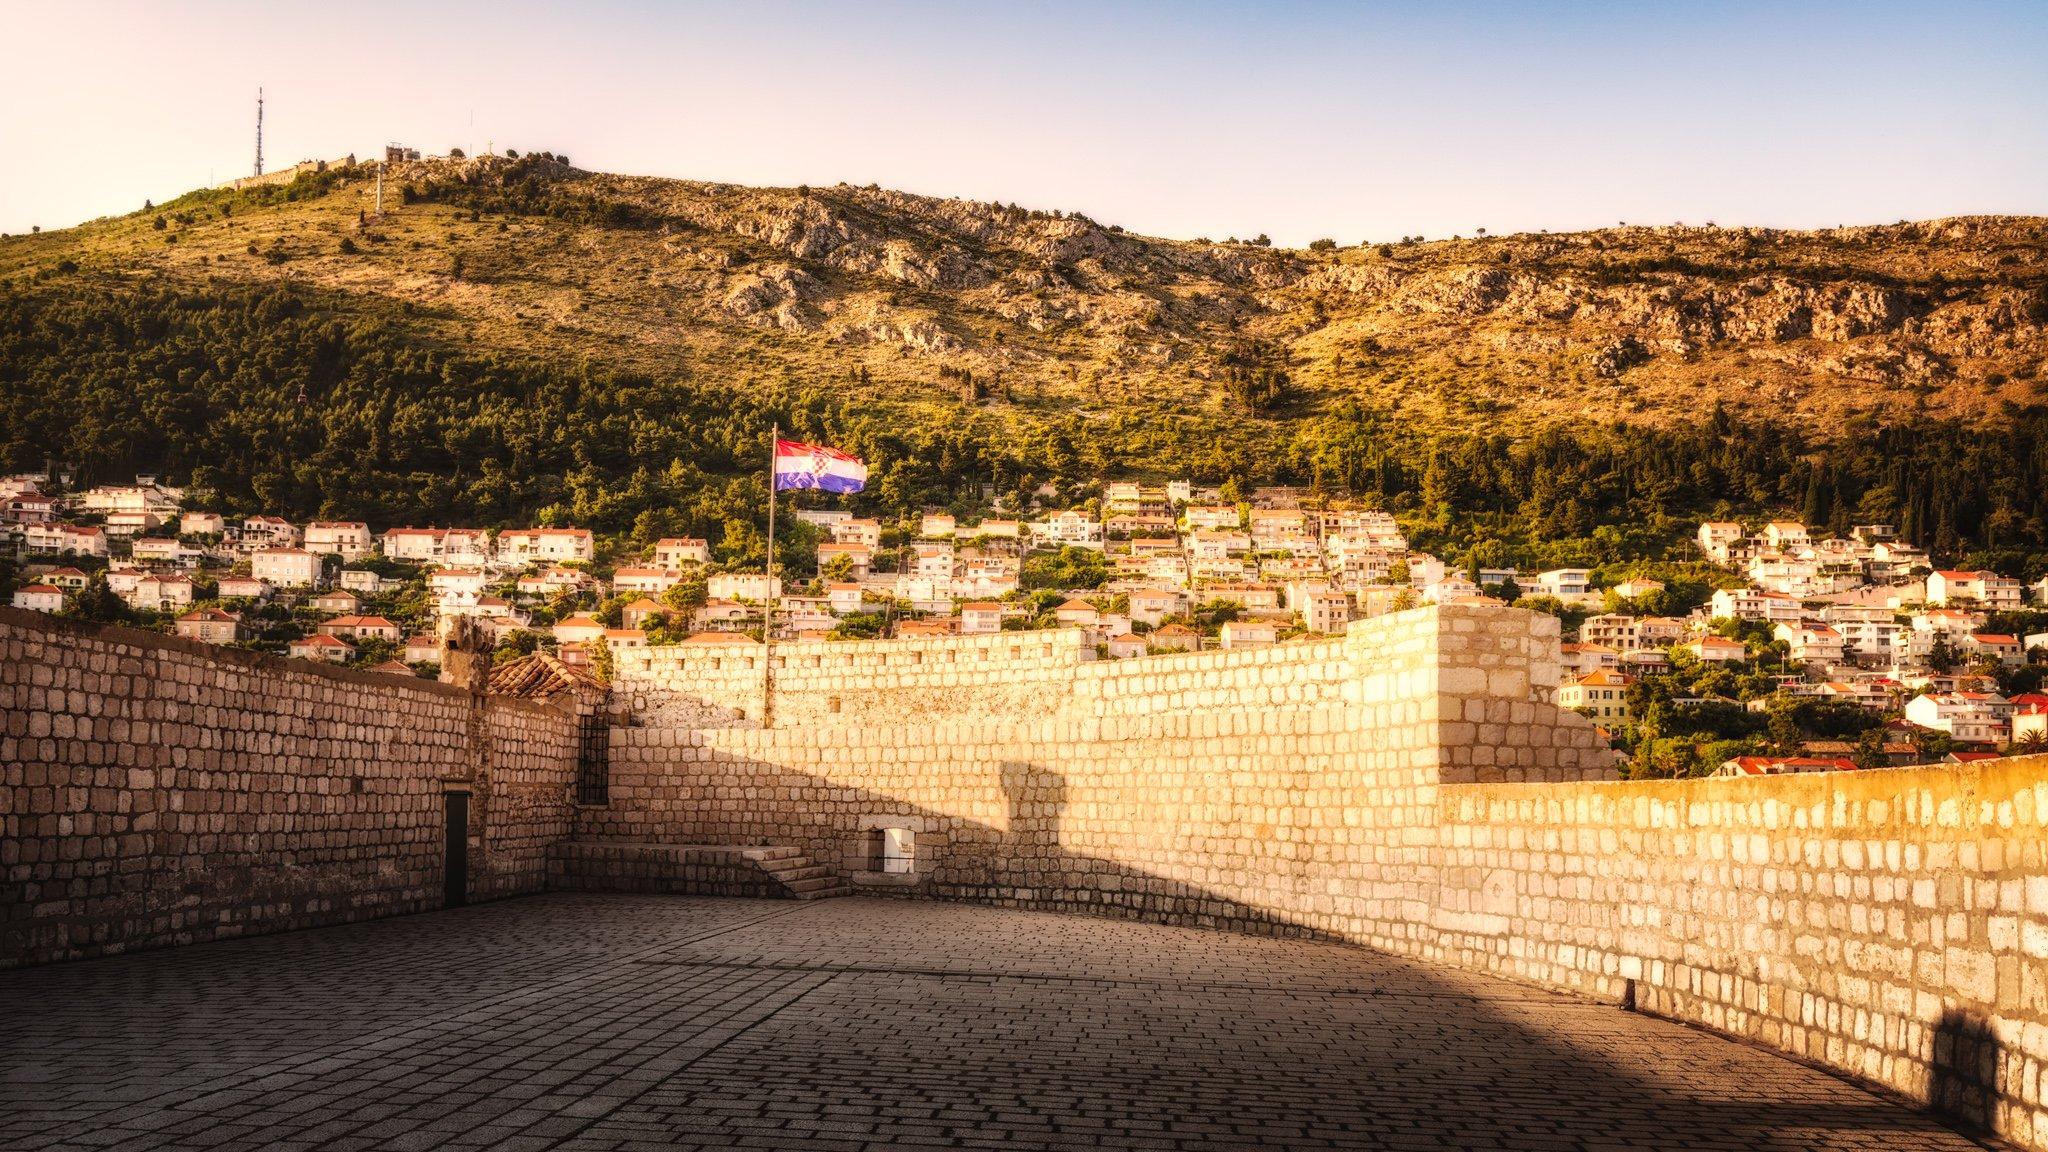 : Dubrovnik - city walls - is it worth it? Croatia